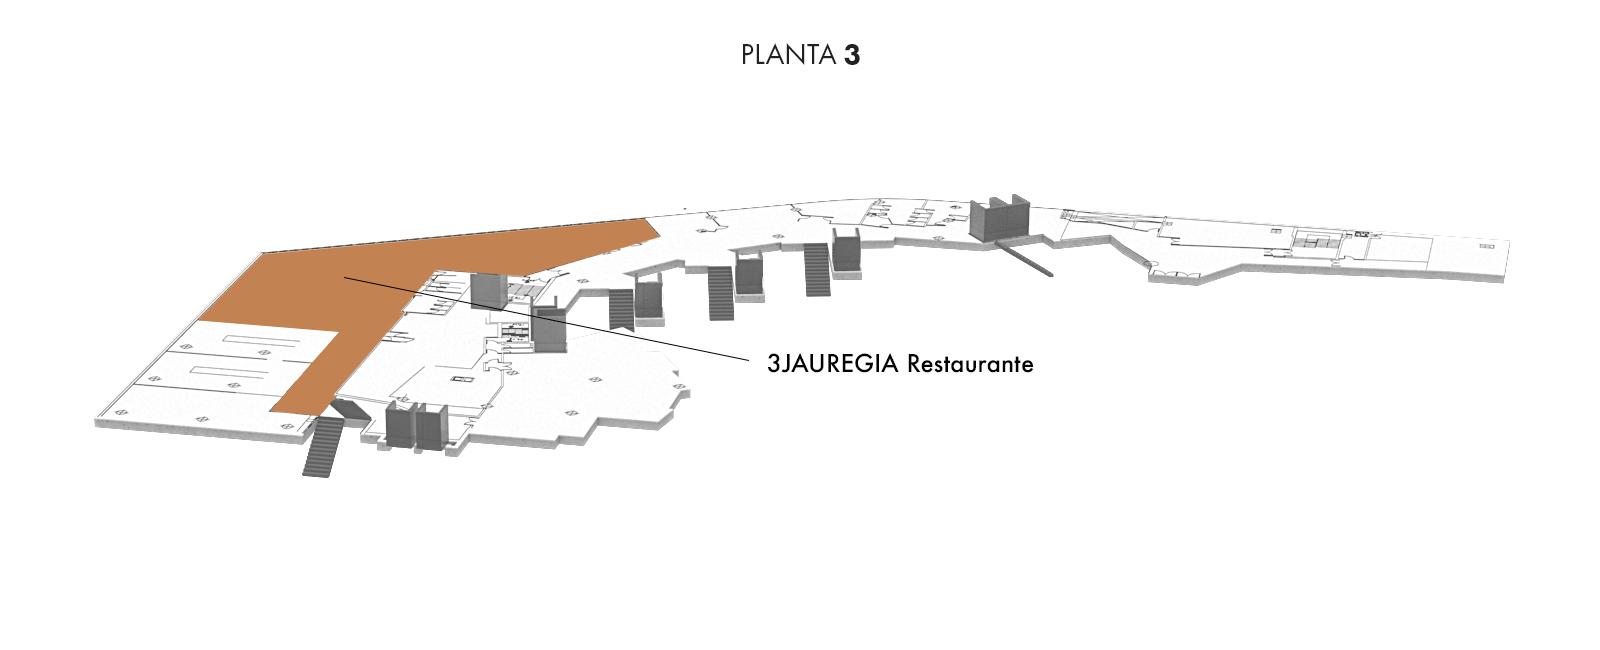 3JAUREGIA Restaurante, Planta 3   Palacio Euskalduna Jauregia